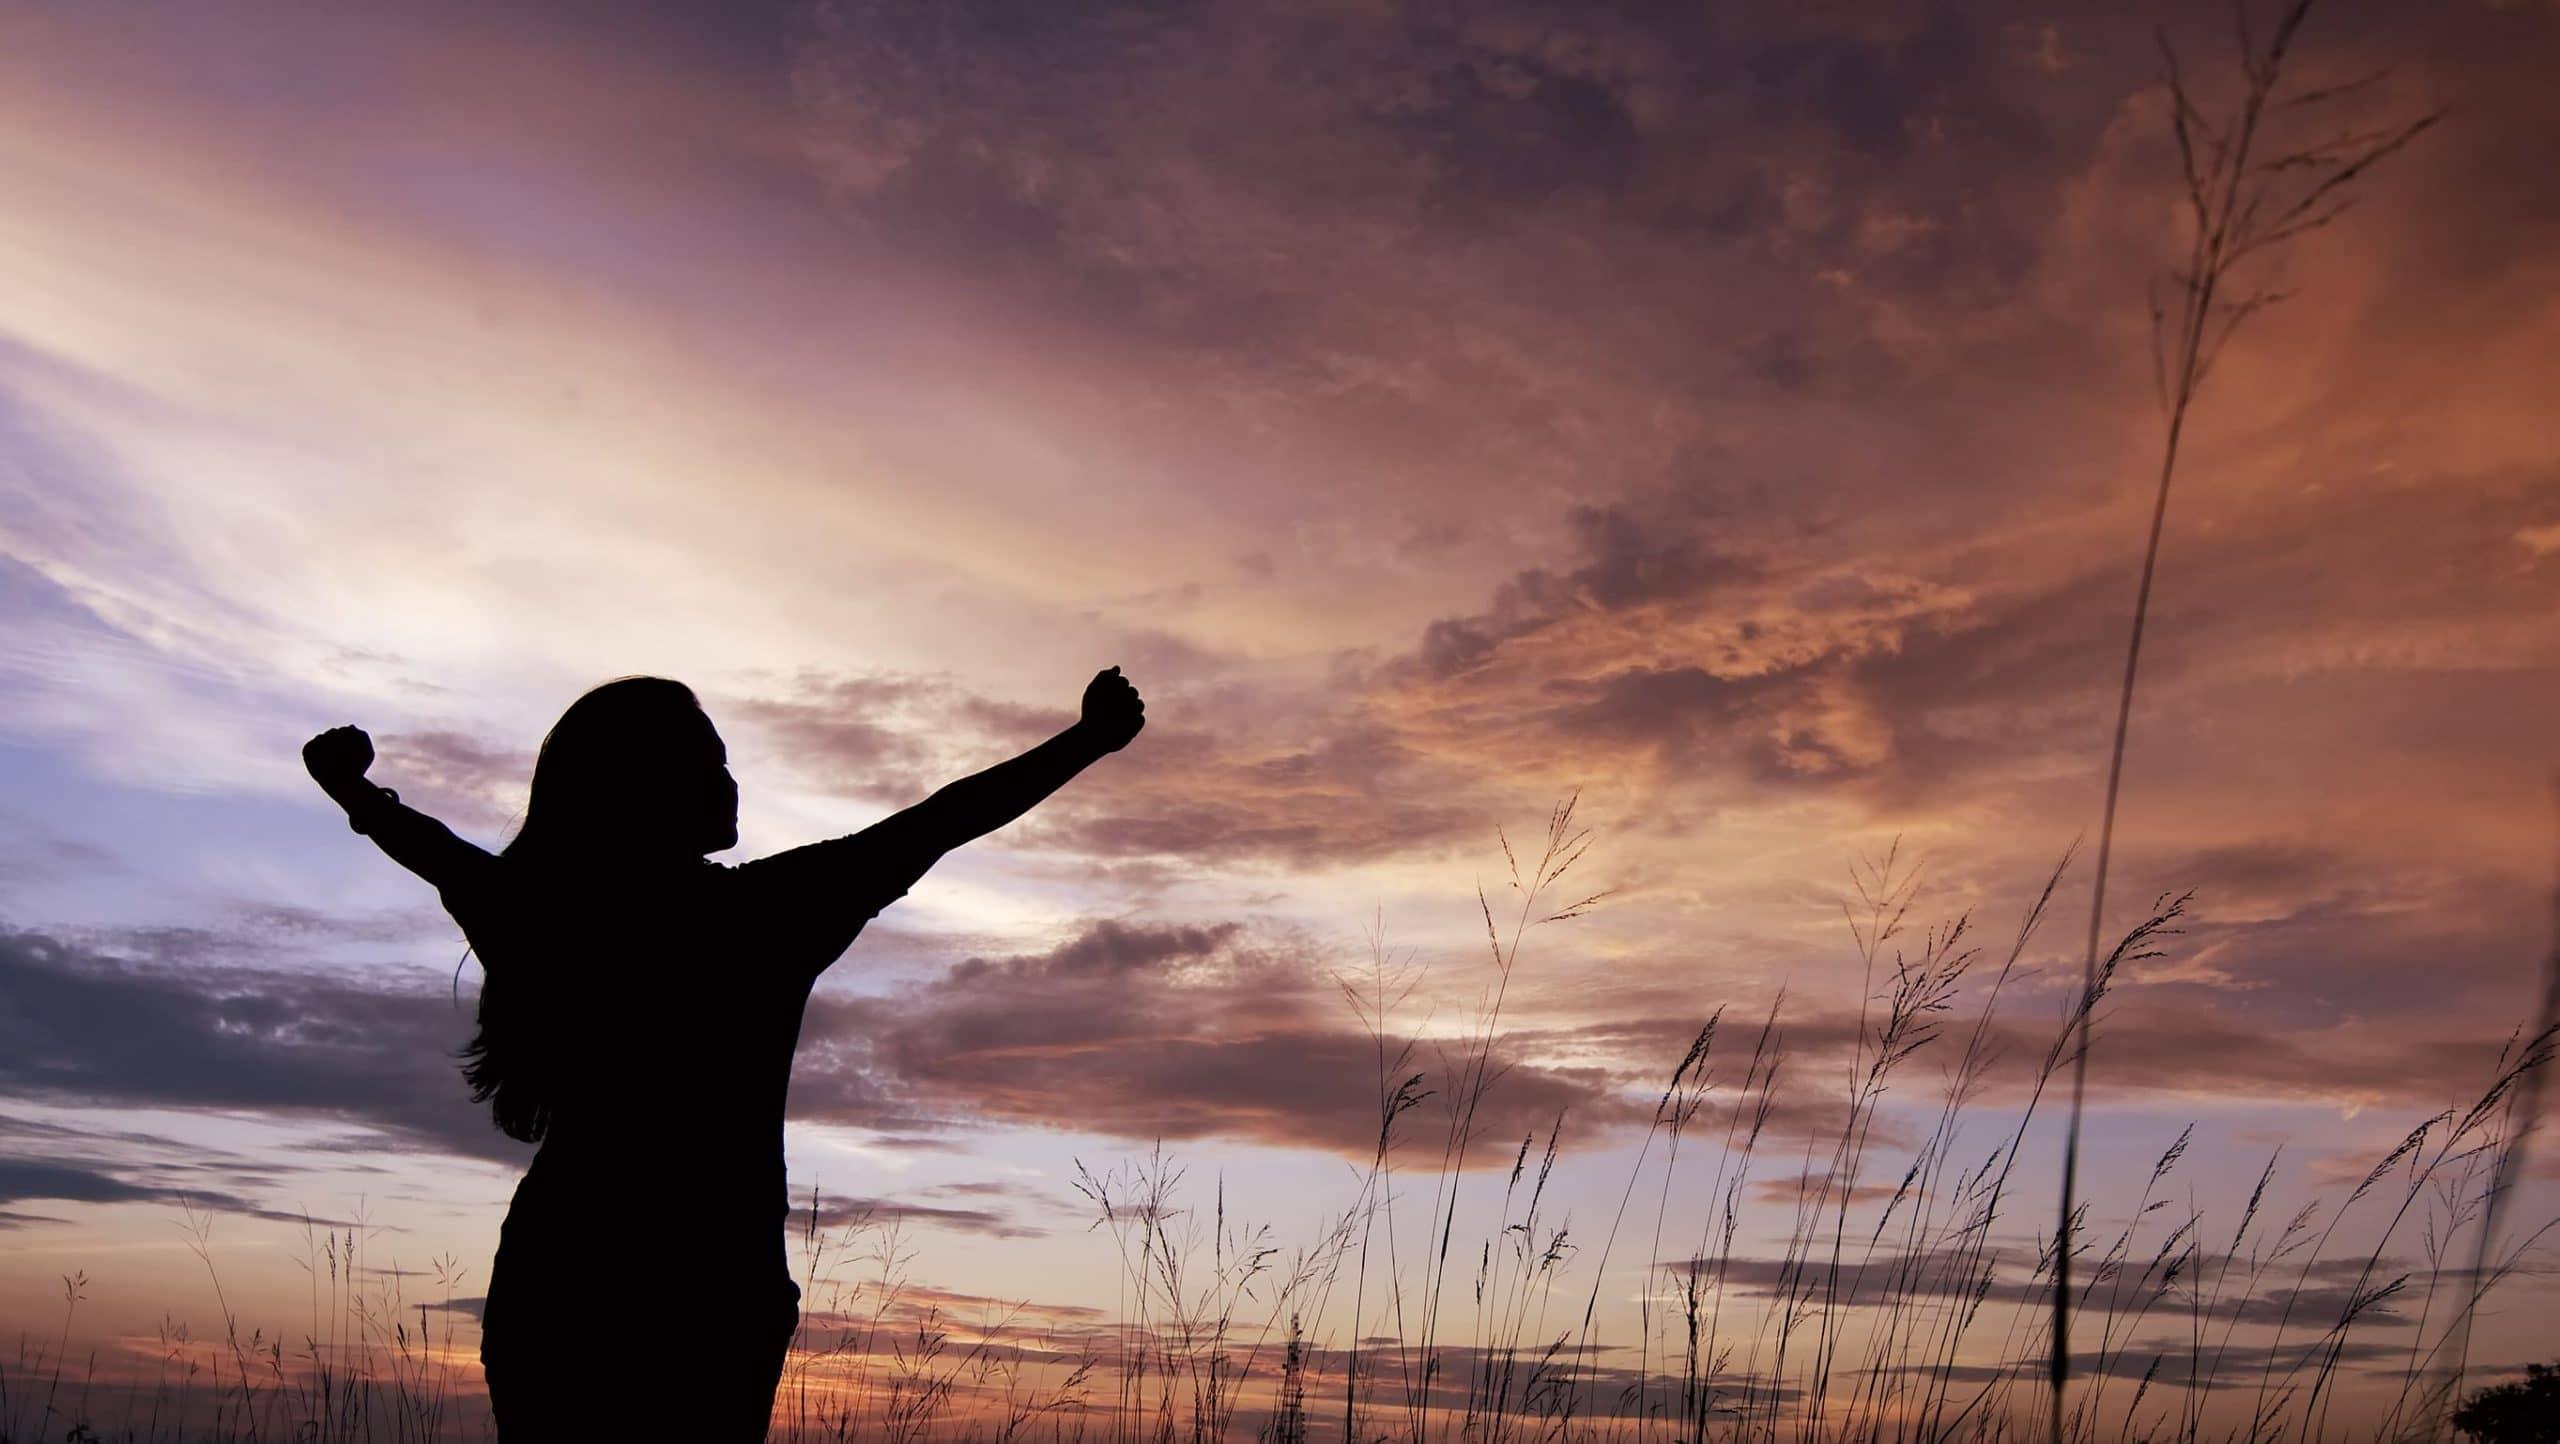 Silhueta de mulher com os braços levantados, olhando pra cima, com o sol se pondo no céu.